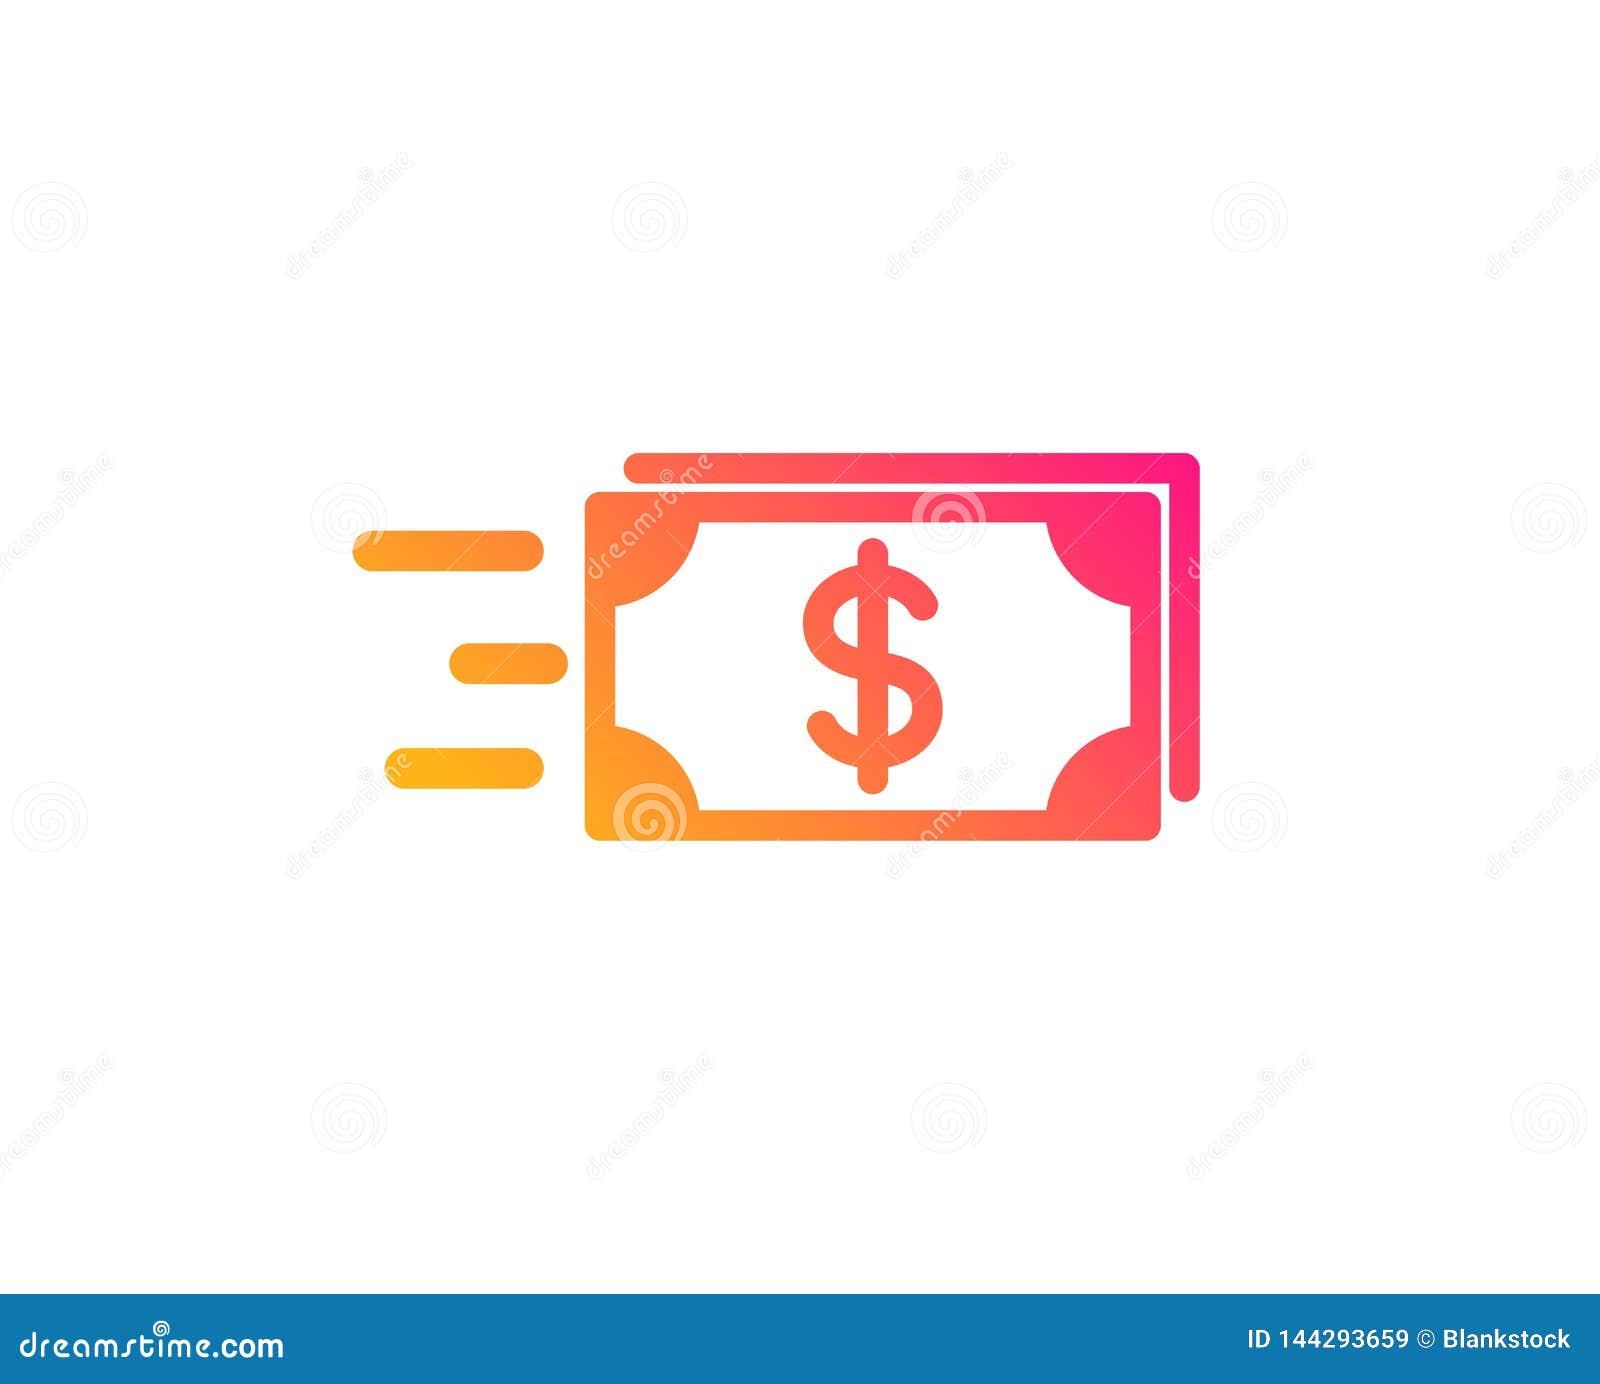 Значок денег наличных денег передачи banister вектор